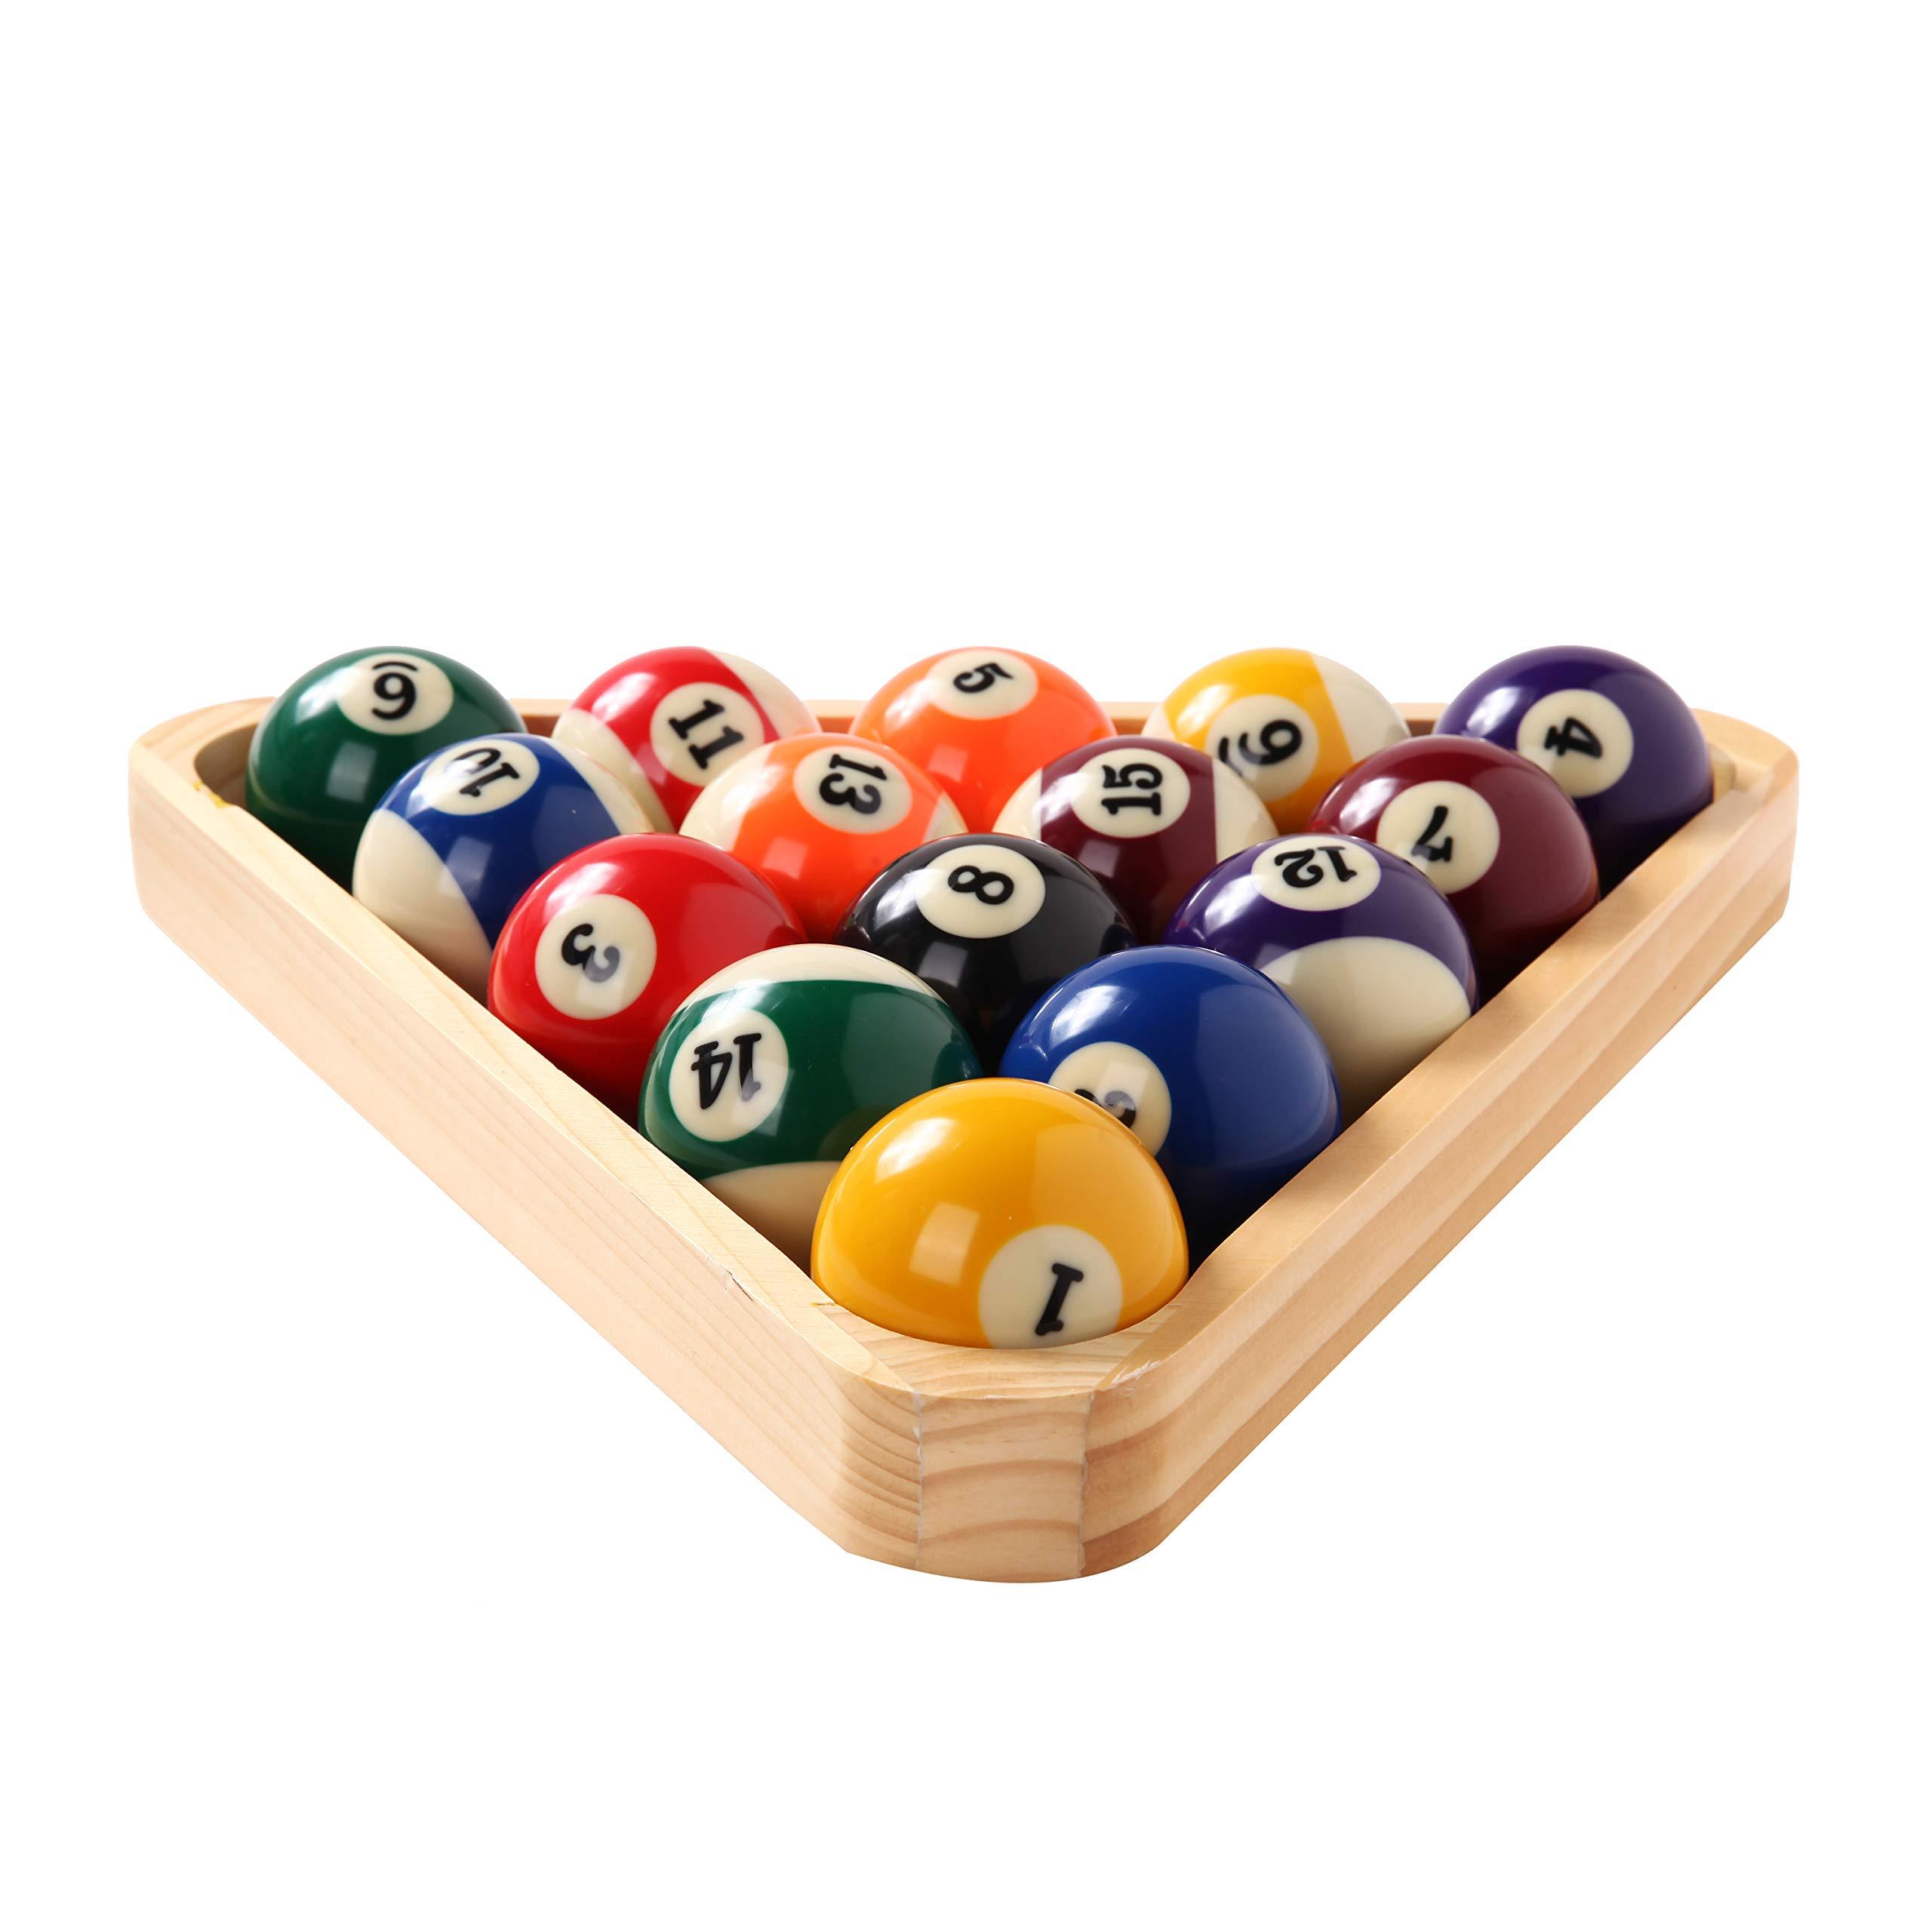 BETTERLINE - Juego de Bolas de Billar para Mesa de Piscina, triángulo, Bola y Estante de Diamante de 9 Bolas (Madera), 5 tizas y 2 Pegatinas para manteles – Accesorios para Mesa